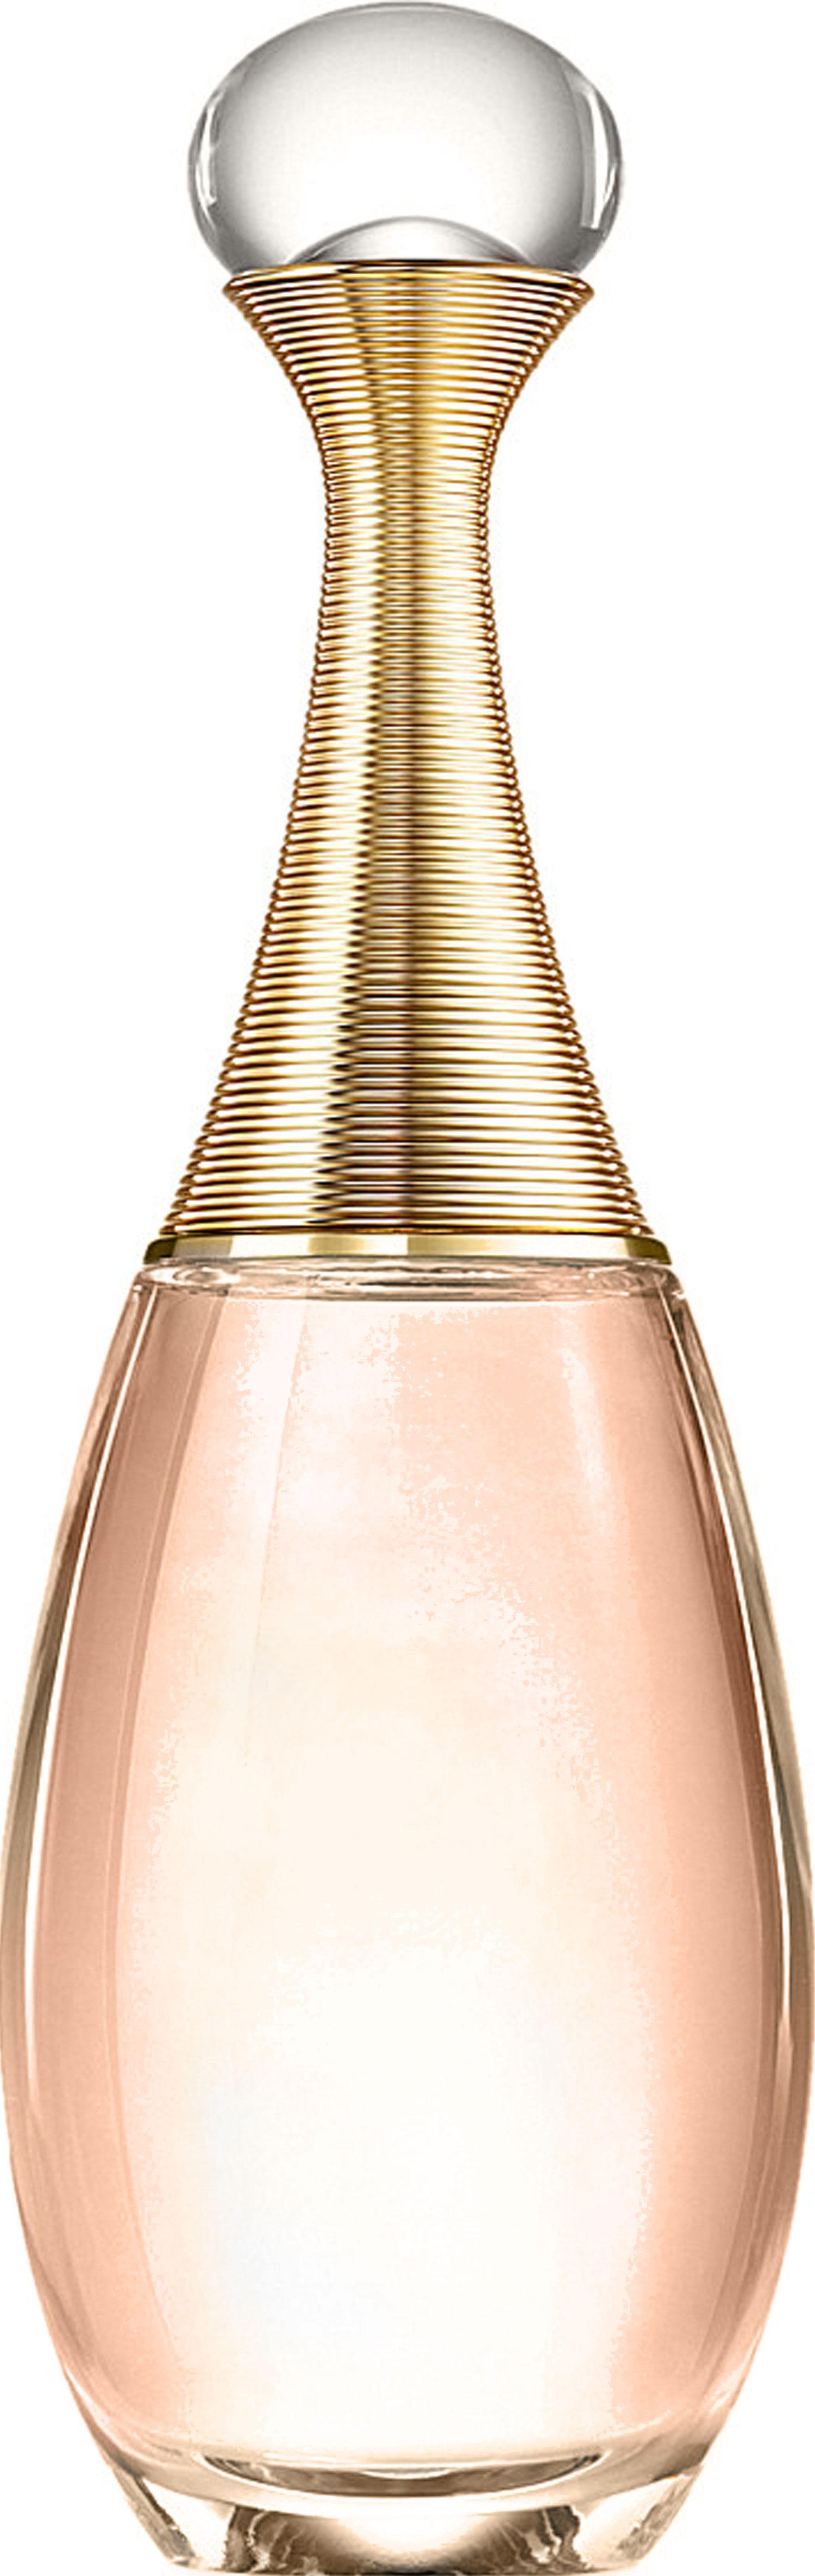 Christian Dior Jadore Voile de Parfum парфюмированная вода 100мл (Кристиан Диор Жадор Вуаль из Духов)